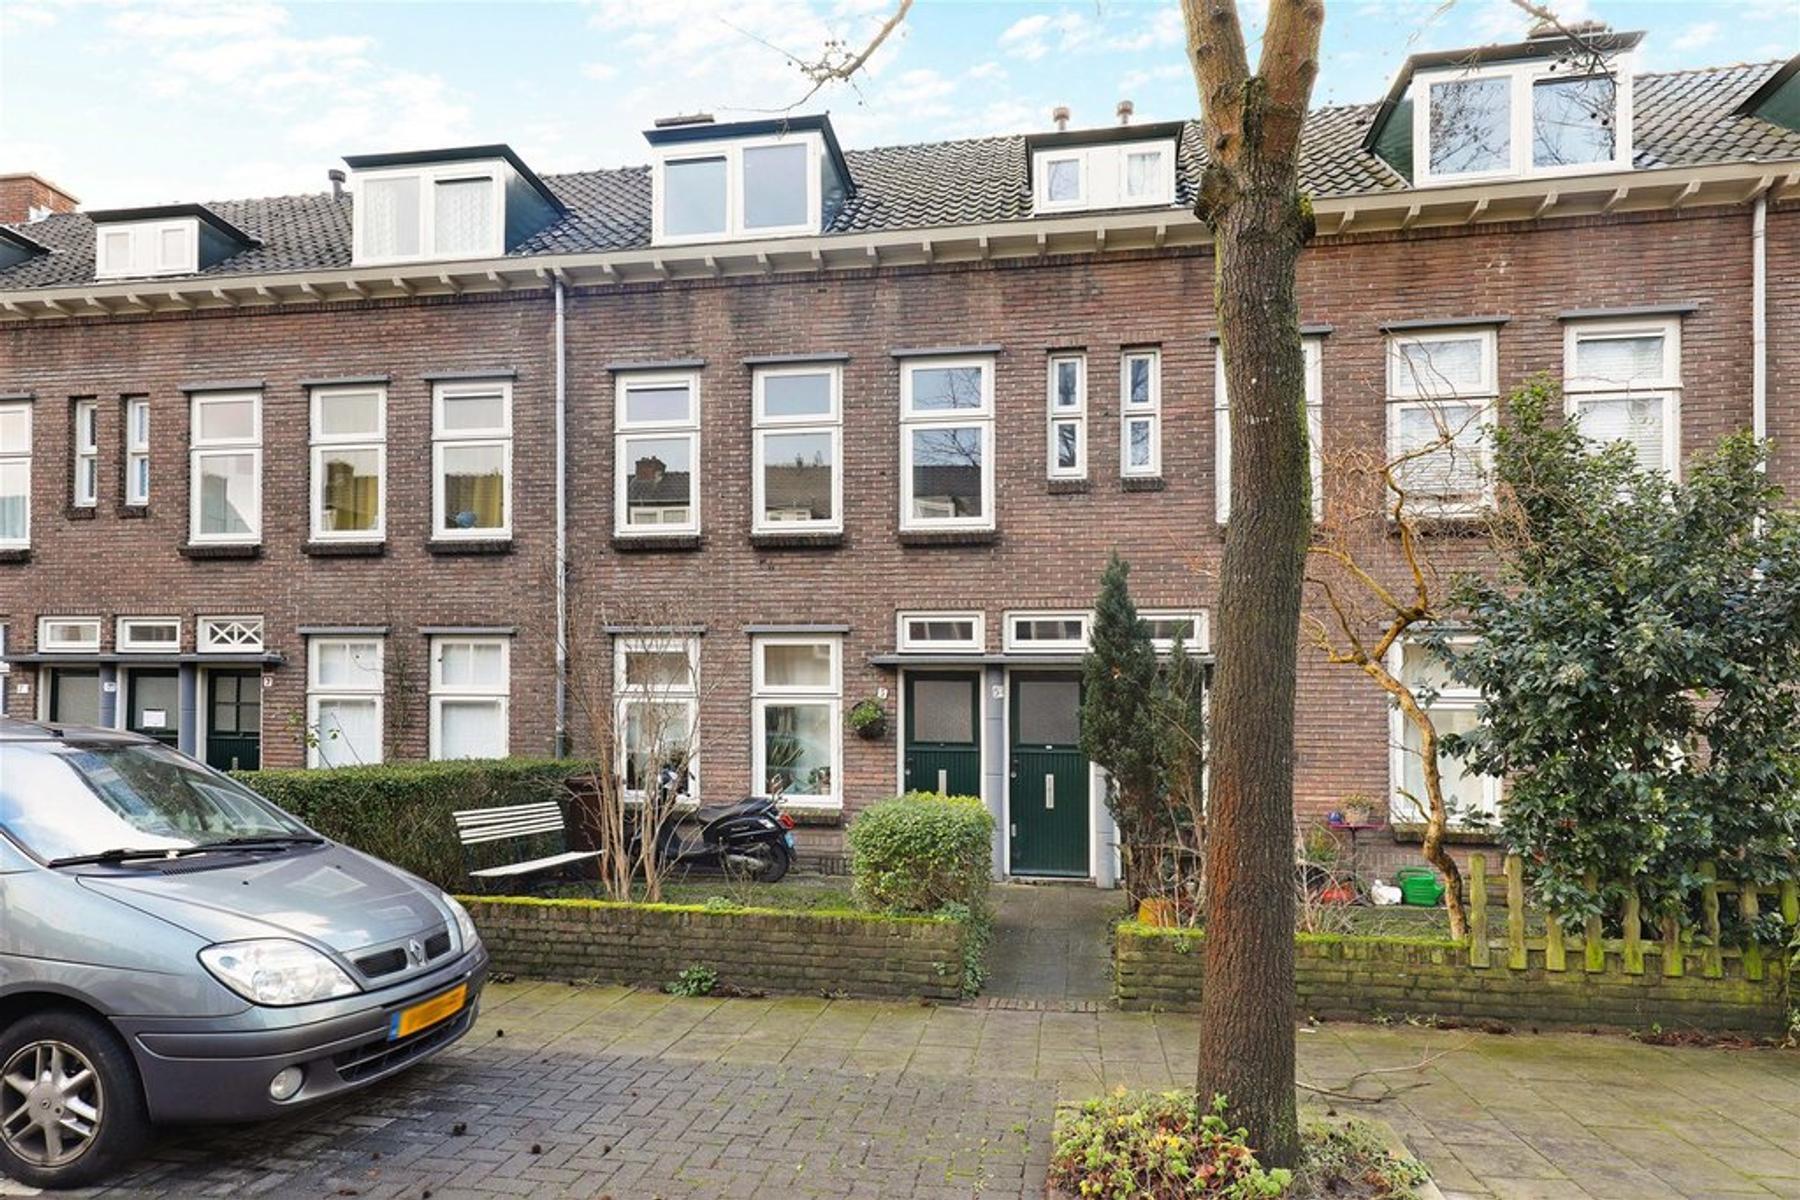 Schouwweteringstraat 5 bis a in utrecht 3513 gh: appartement